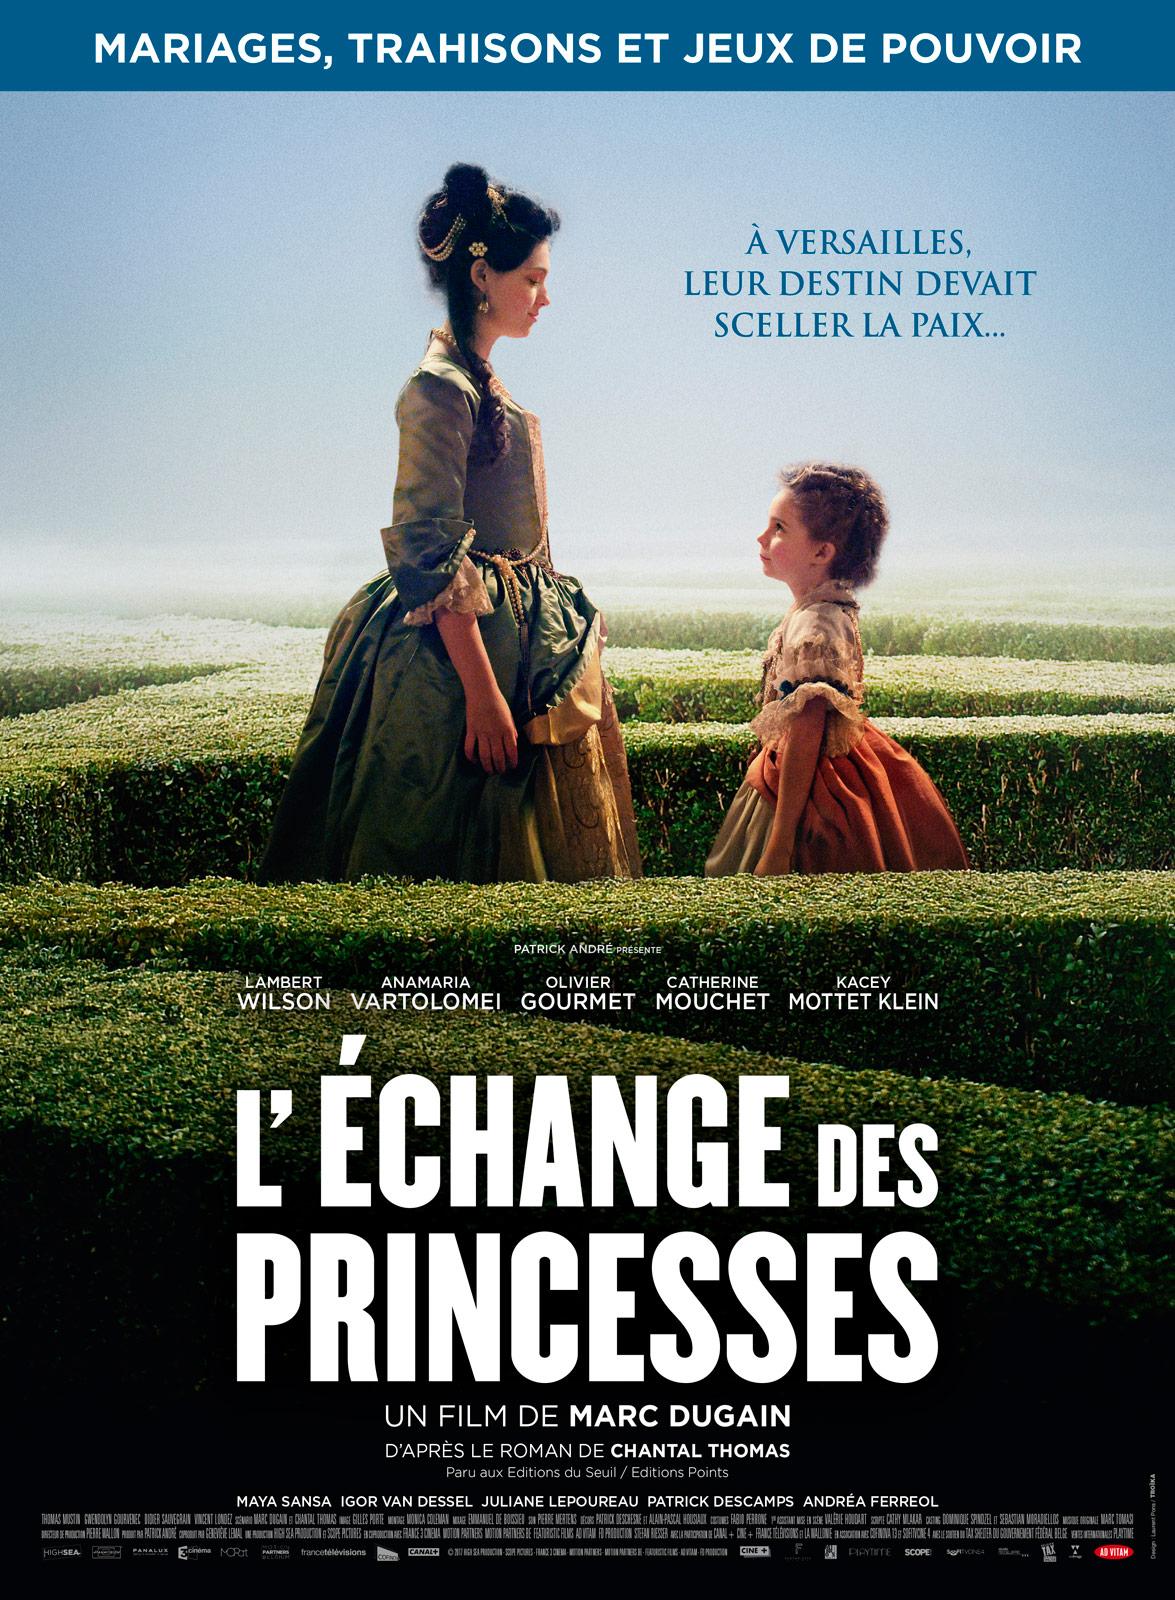 AfficheL'Echange des princesses